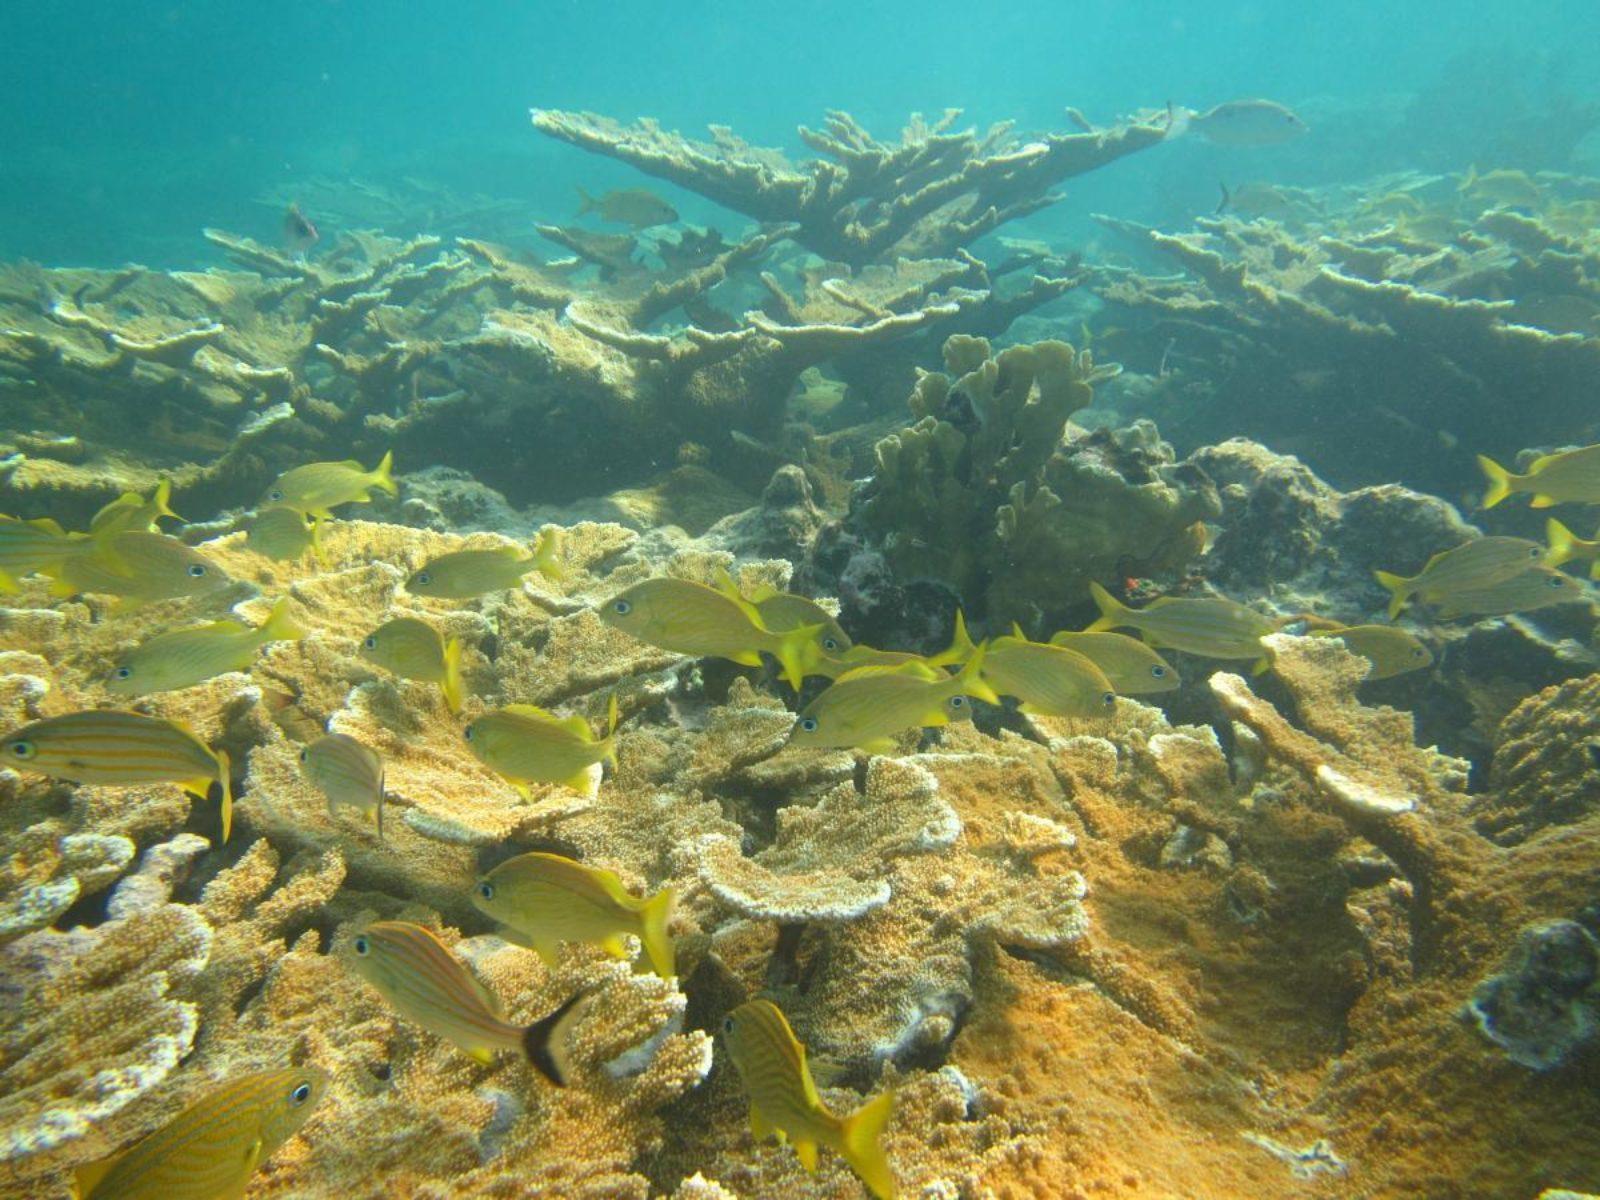 Baggermuseum 2017 03 23 Reef Guard